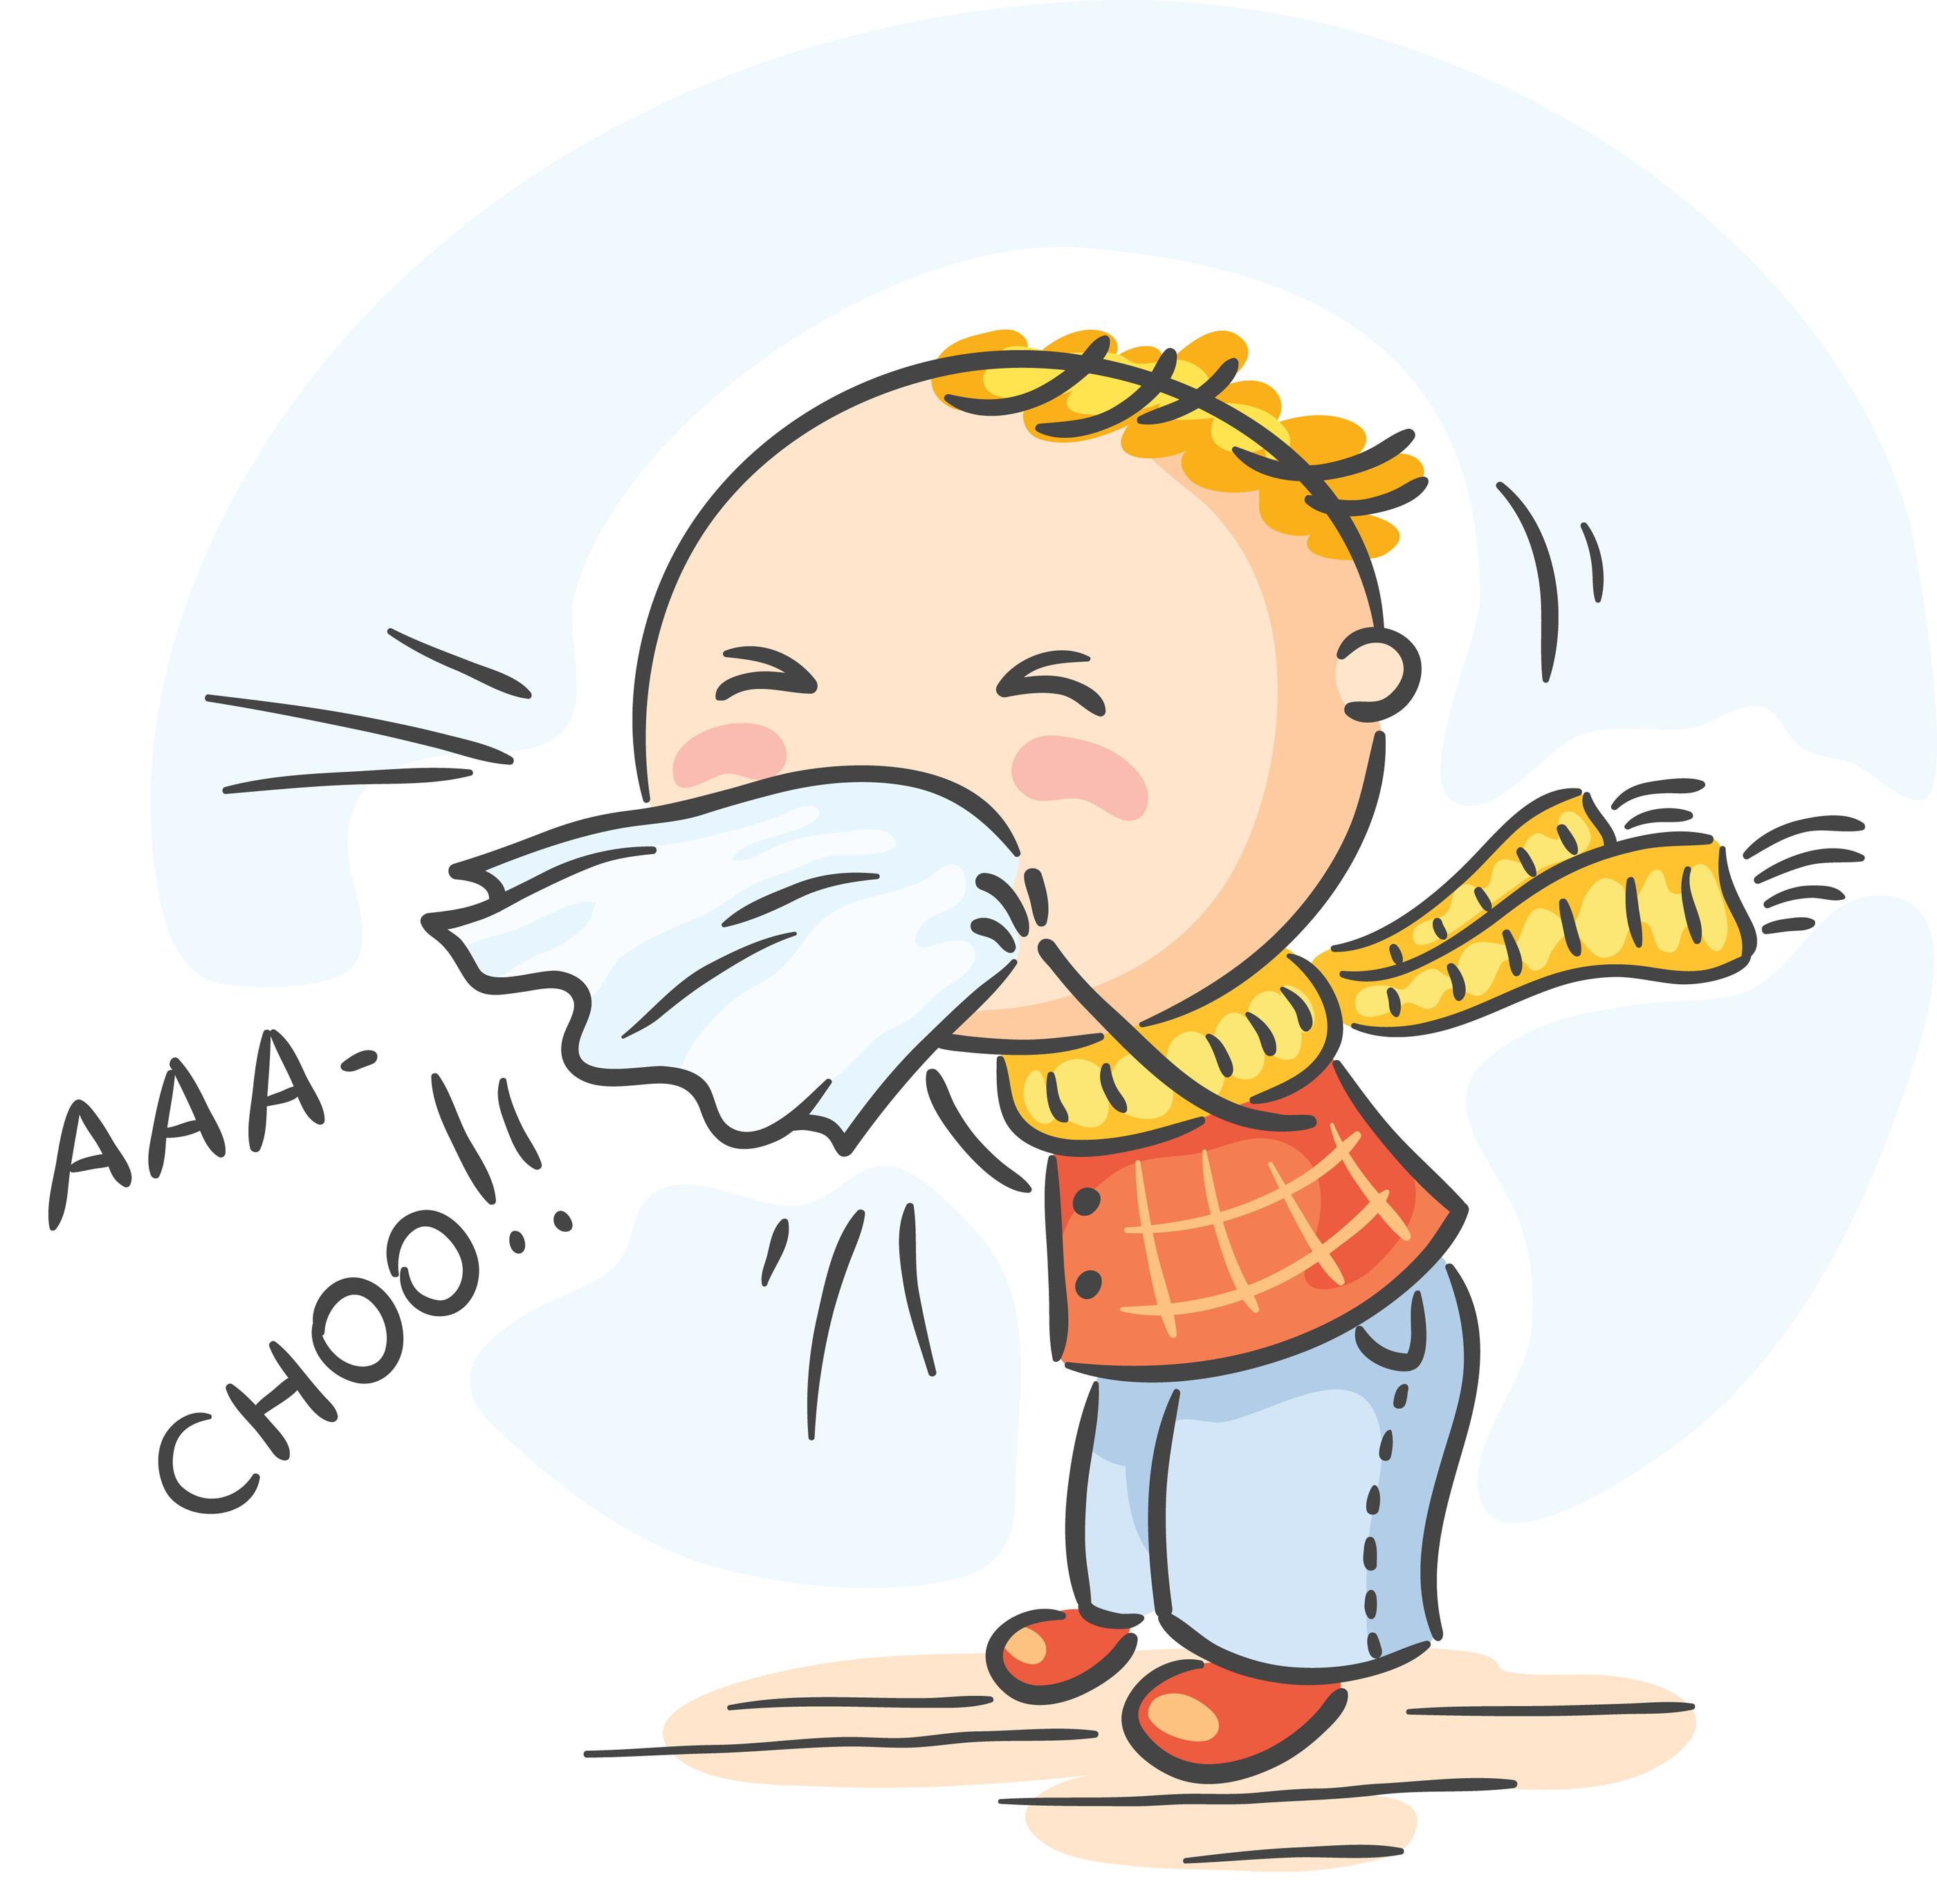 Flu clipart cold illness. And season i am